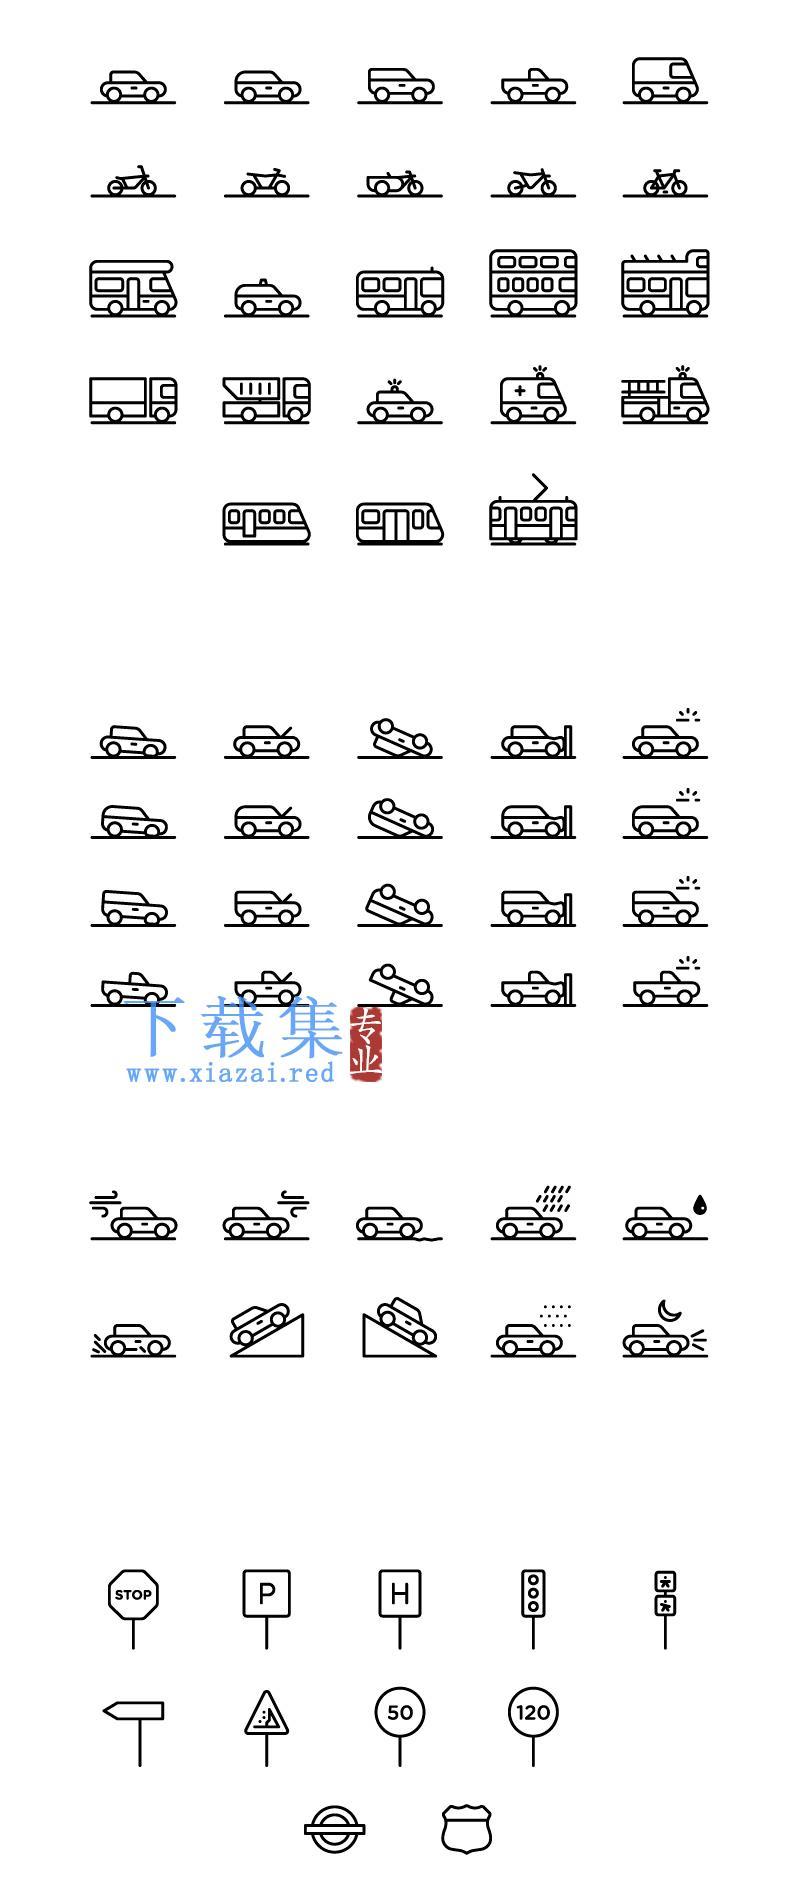 64个汽车交通元素AI矢量素材